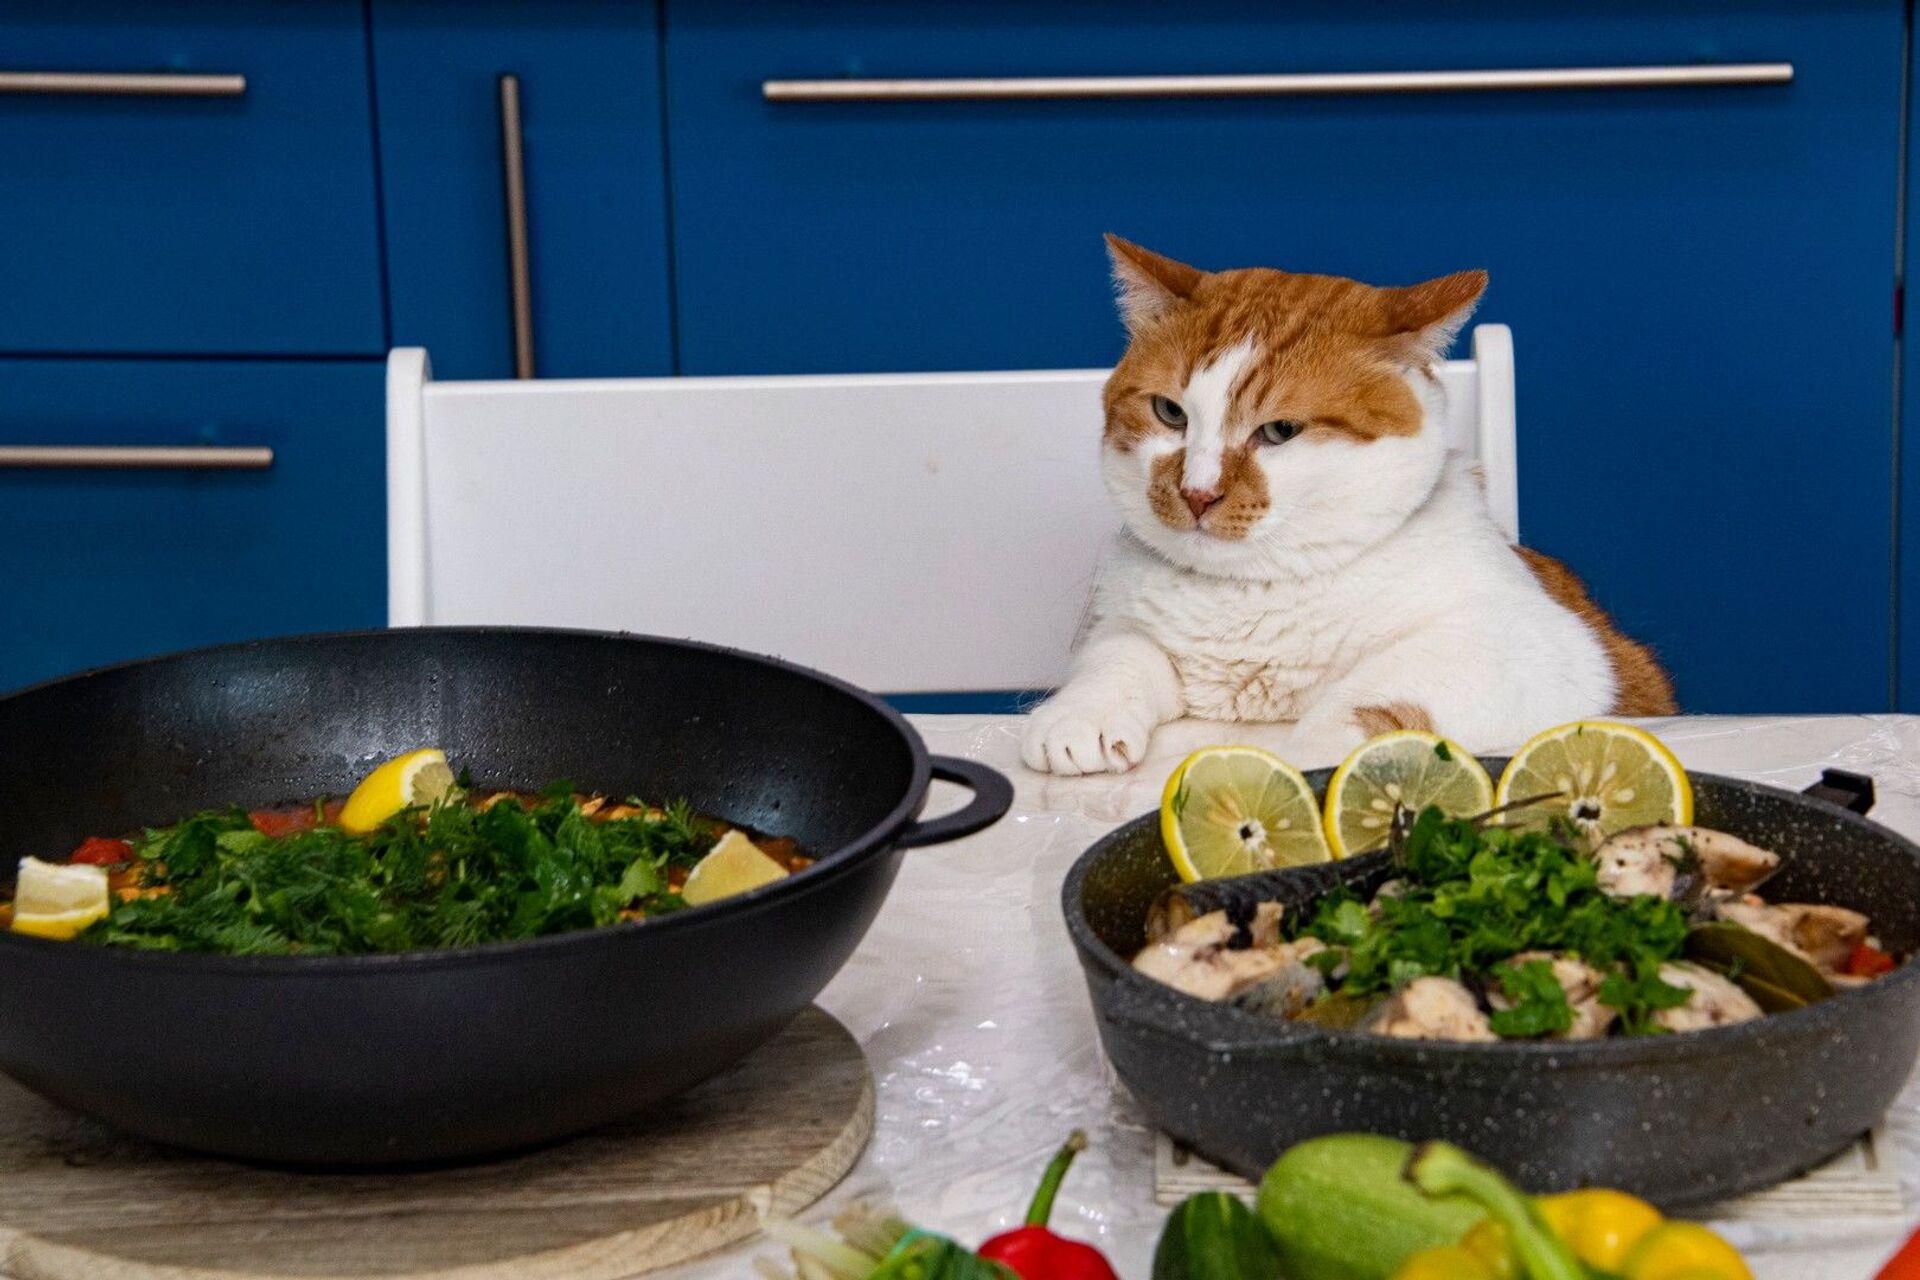 Рыбный день: два рецепта от крымских татар для кота Мостика - РИА Новости, 1920, 23.02.2021